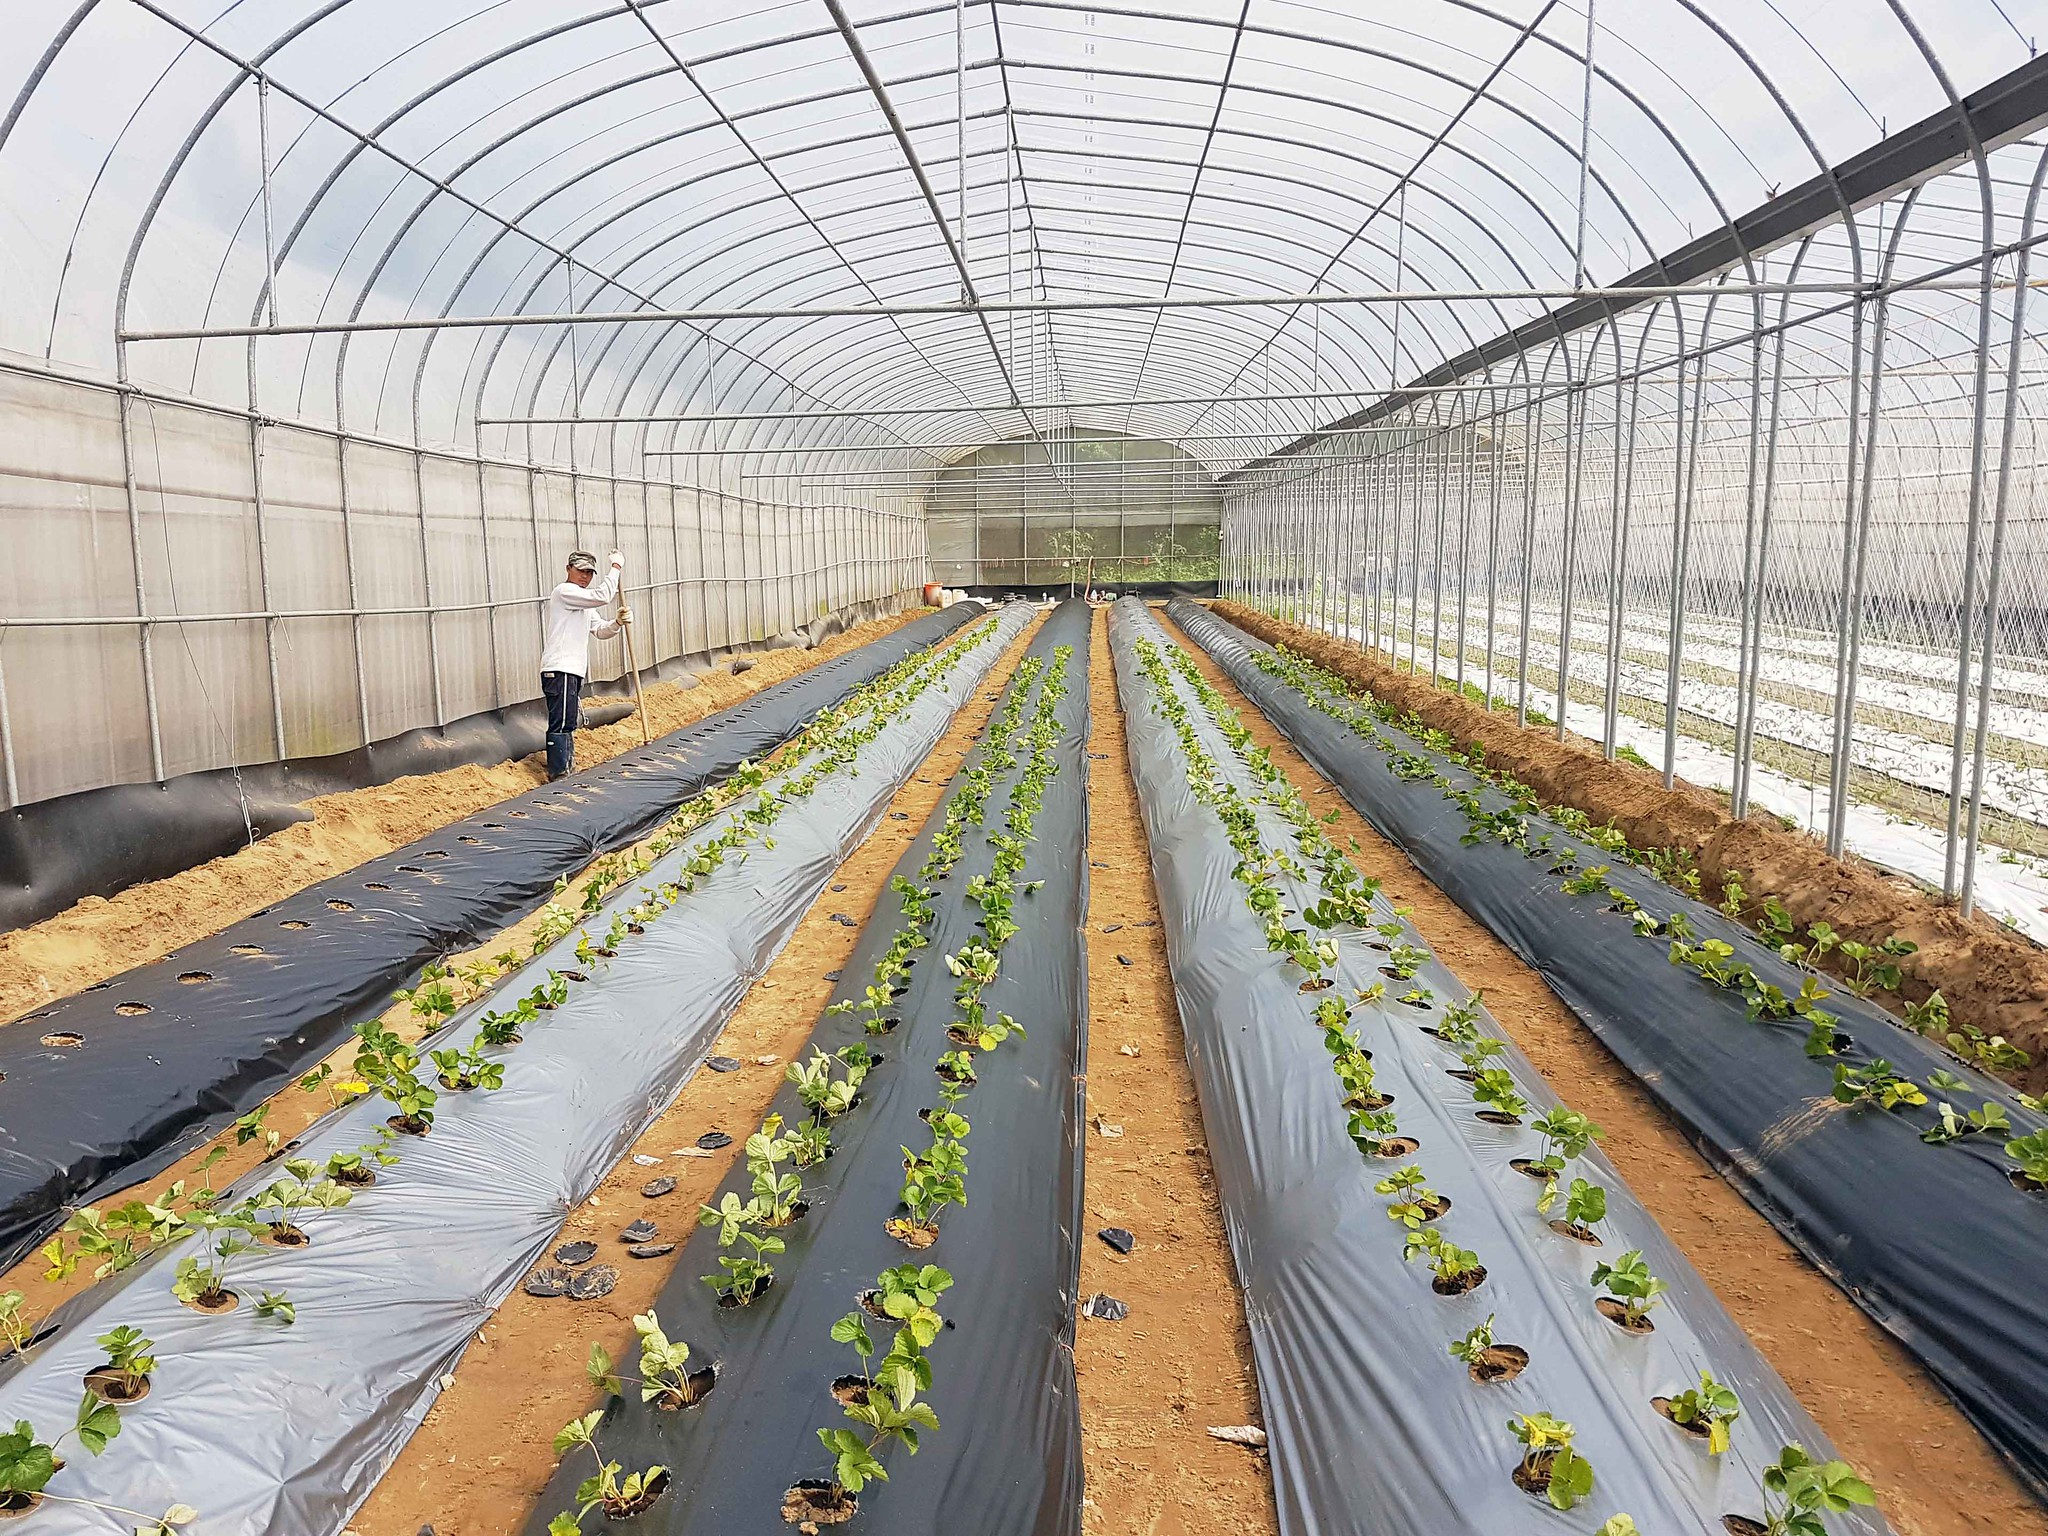 可分解農地膜田間實驗示意圖  圖片來源:農業委員會公關科